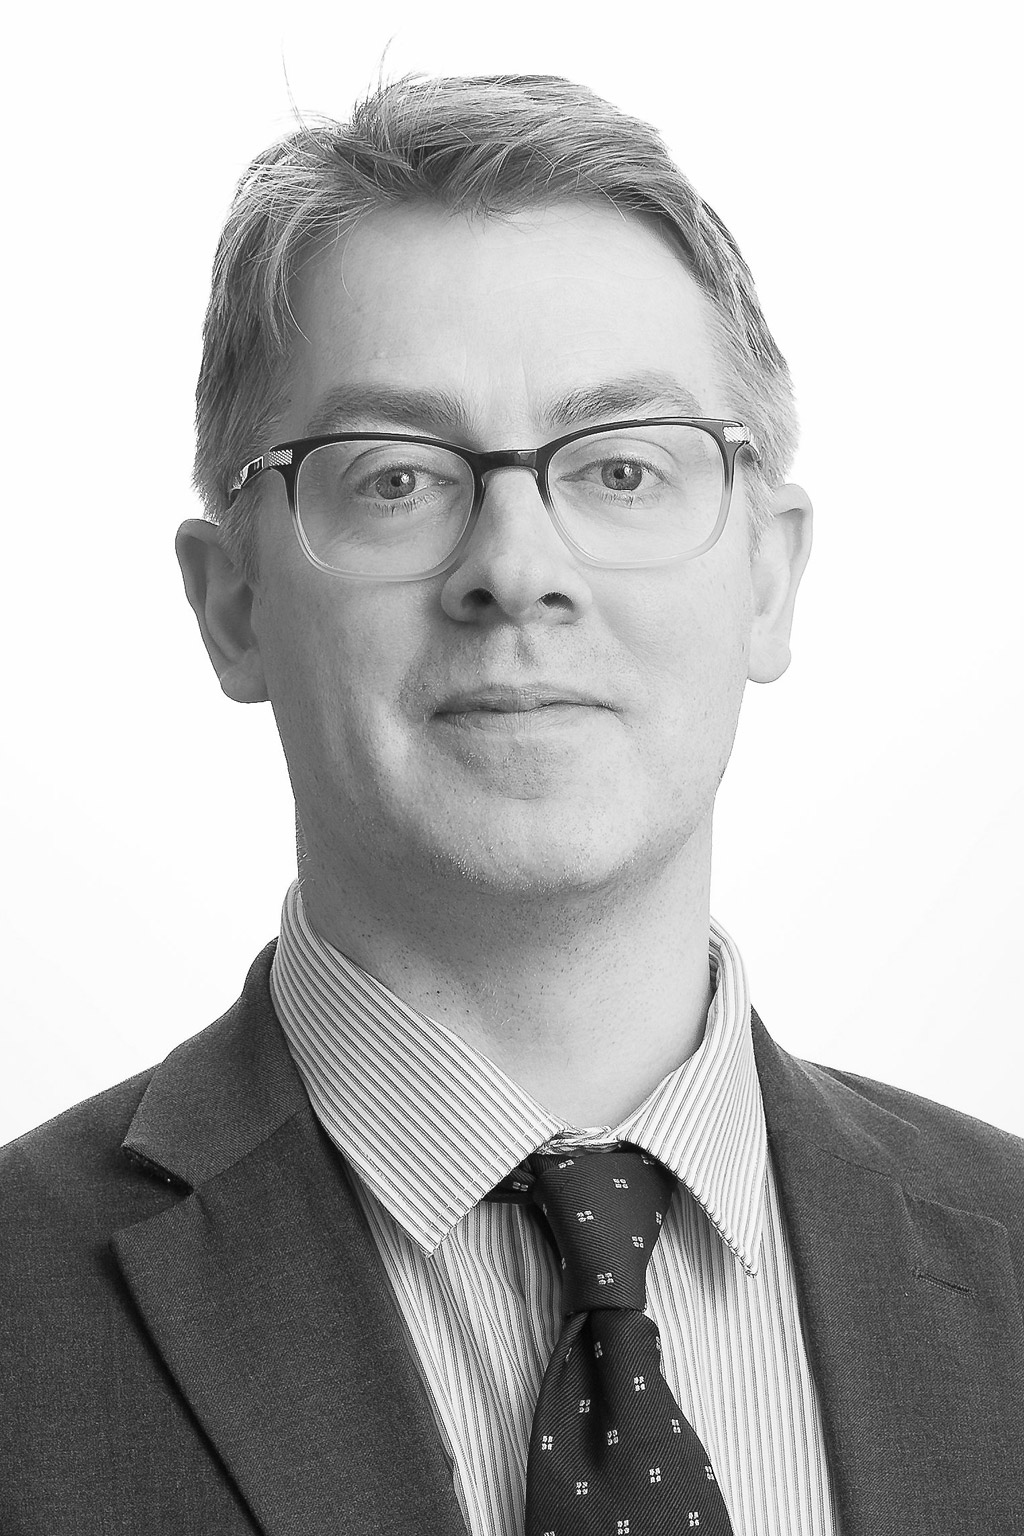 Solicitor James Macdonald